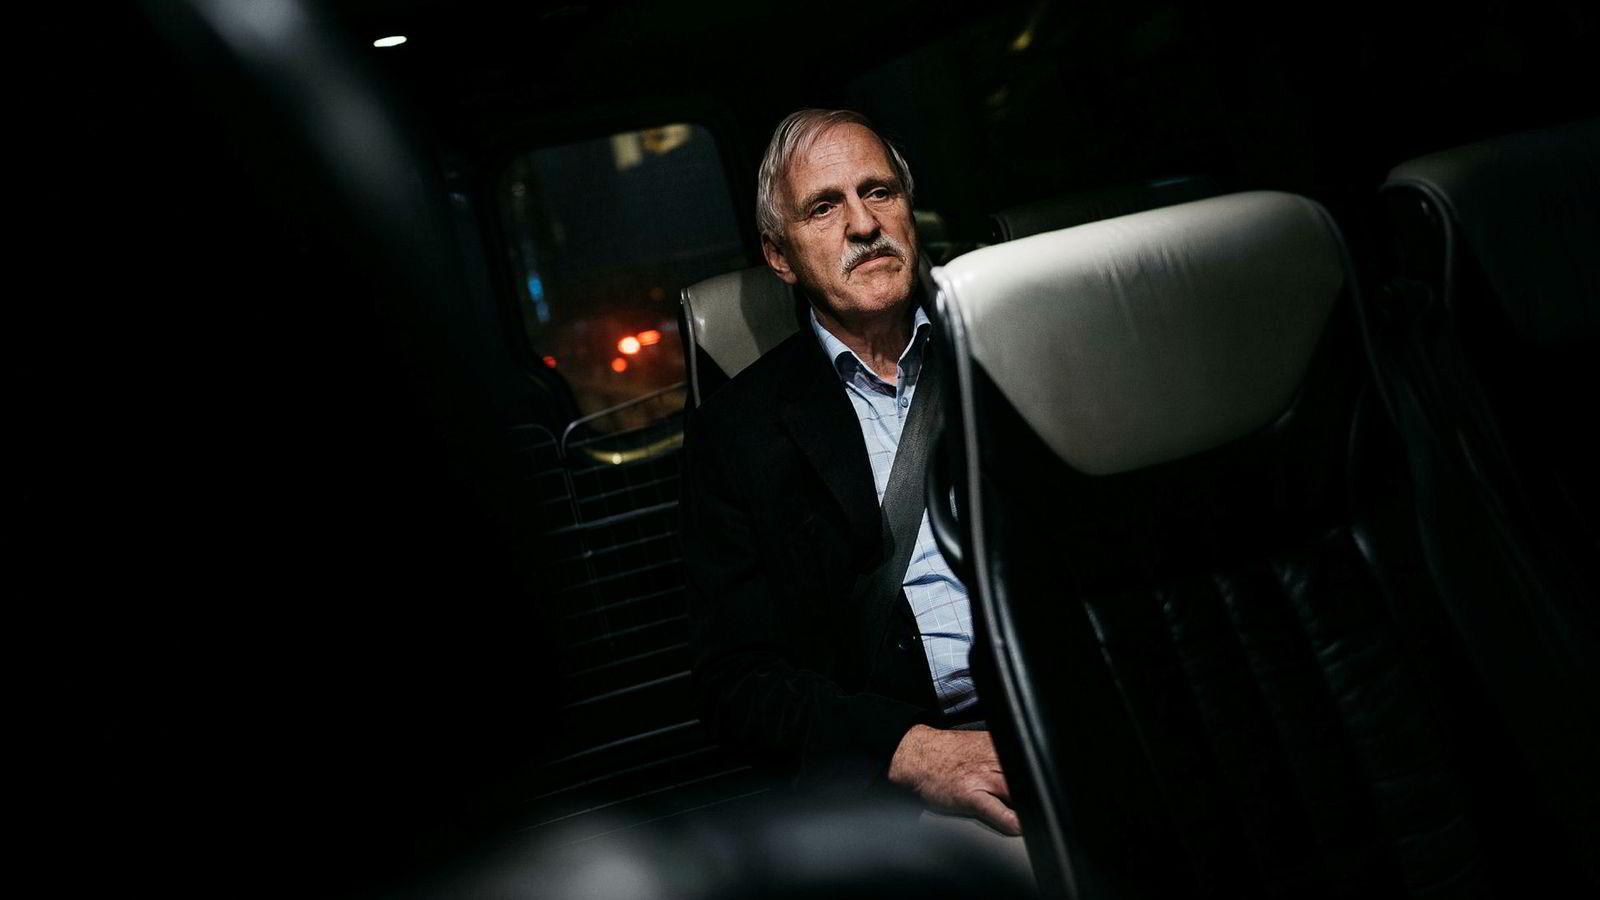 Arne Bernhard Larsen er sjef i Skagen 44, oljeselskapet konkurstruede Einar Aas er største eier i. Fredag tok Larsen taxi fra Sola etter en tur utenlands.